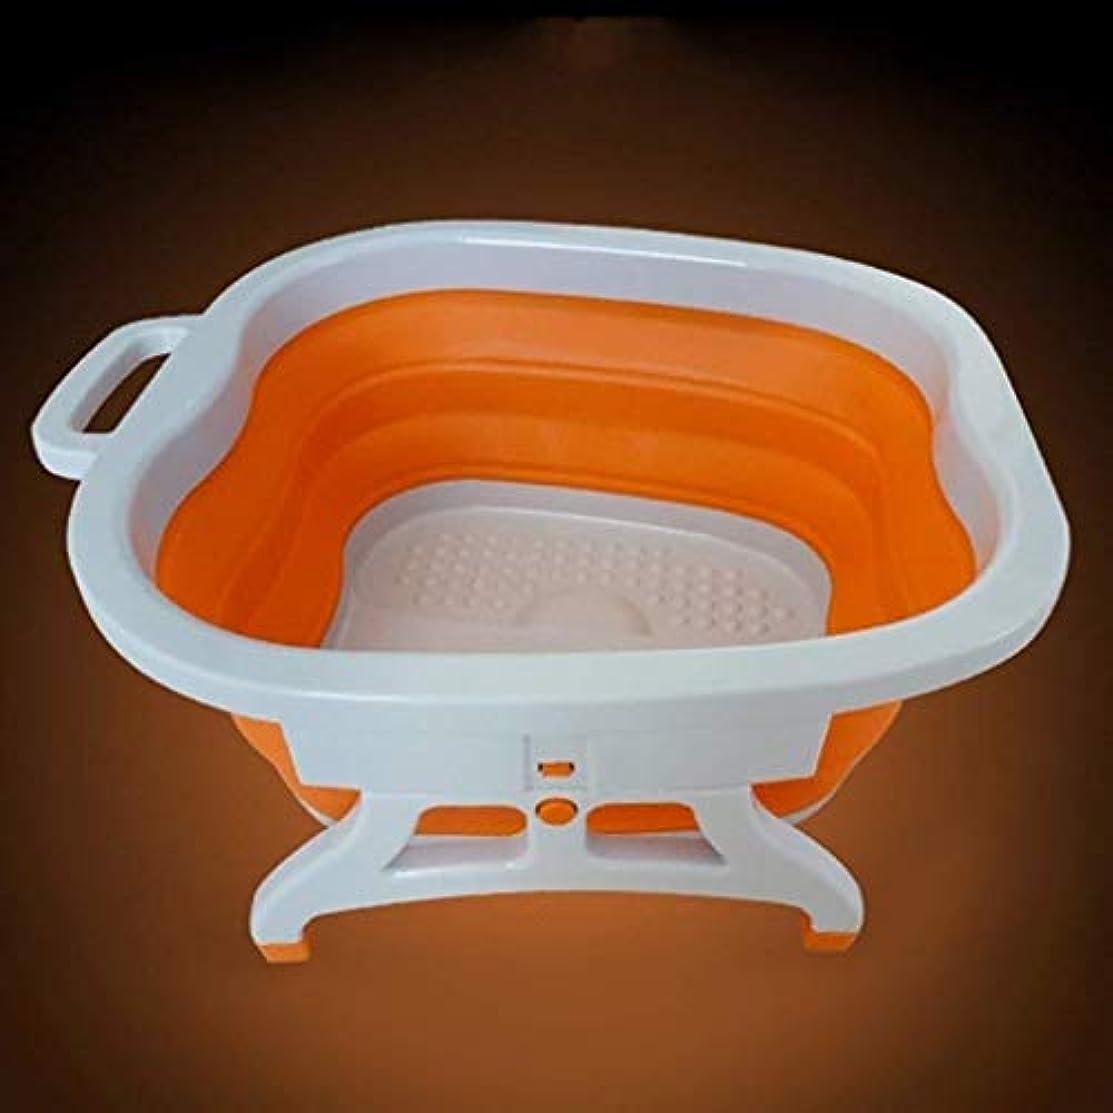 やさしく癒す地中海フットバスバレル、スクエア発泡プラスチックボウル、取っ手付きポータブルフットバスバレル、多機能、折り畳み式 (Color : オレンジ)